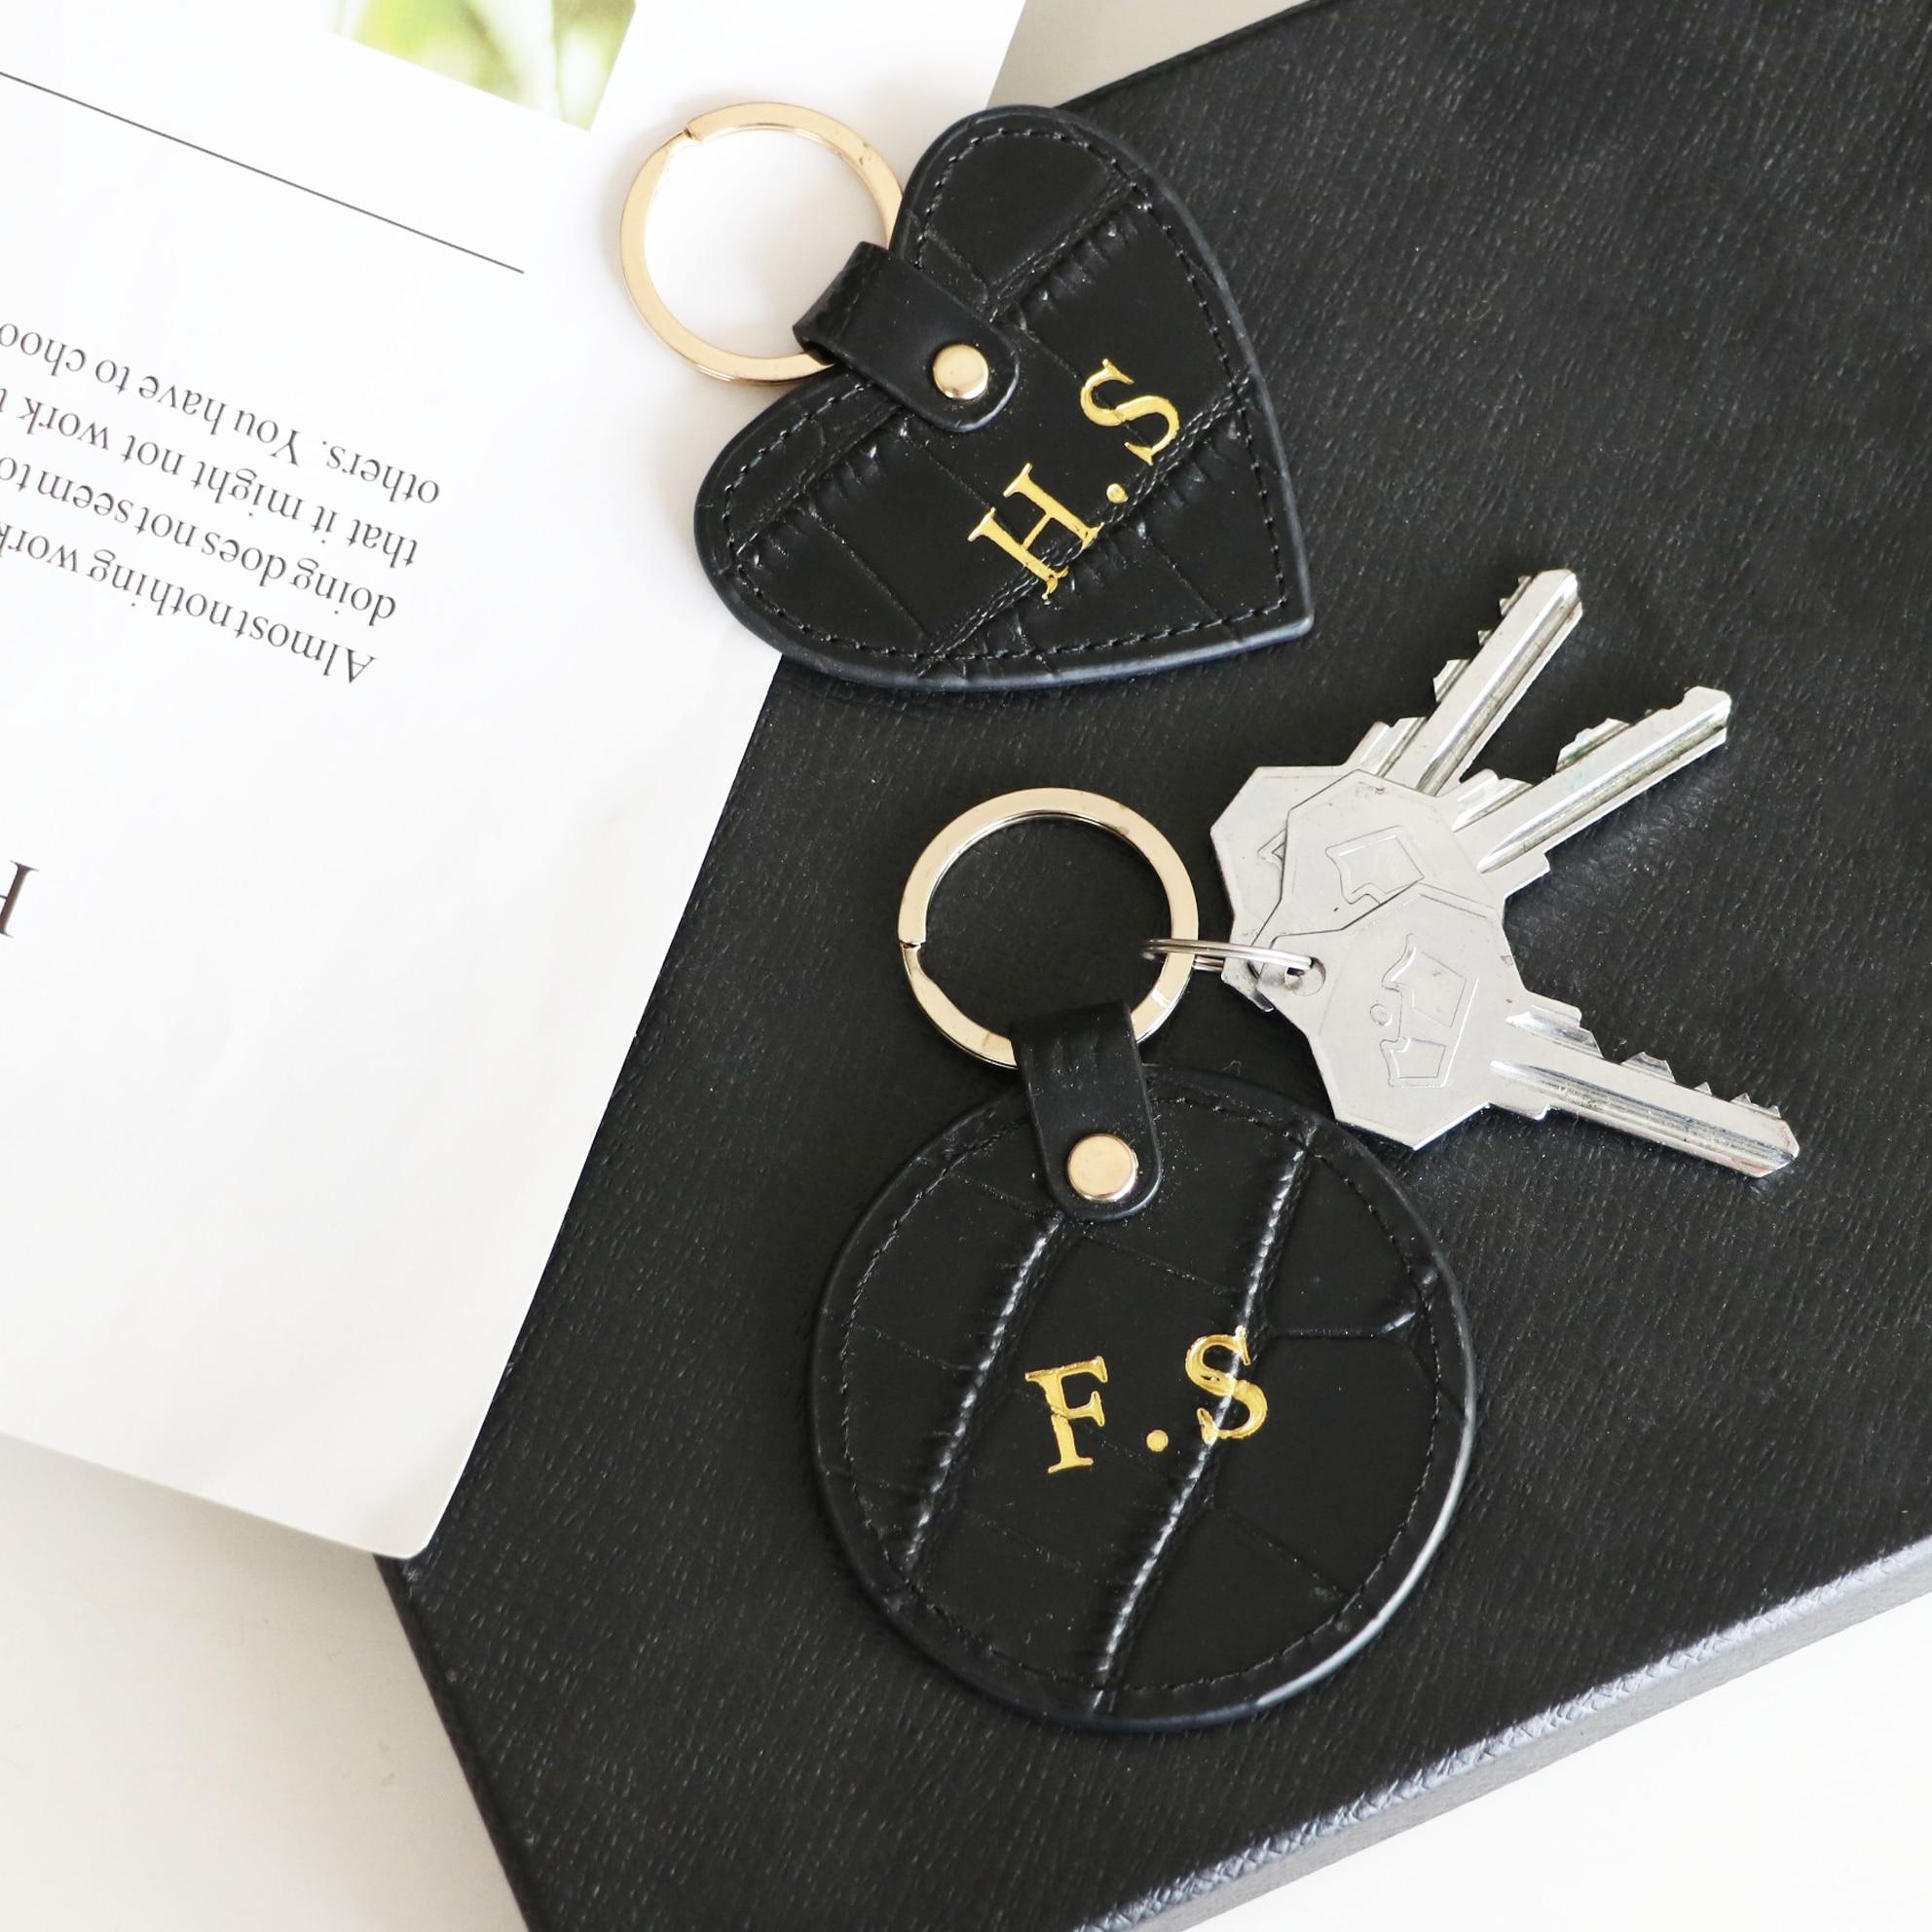 Nuevo diseño personalizado iniciales cartas patrón de cocodrilo o Saffiano cuero llavero redondo anillo de llave cartera